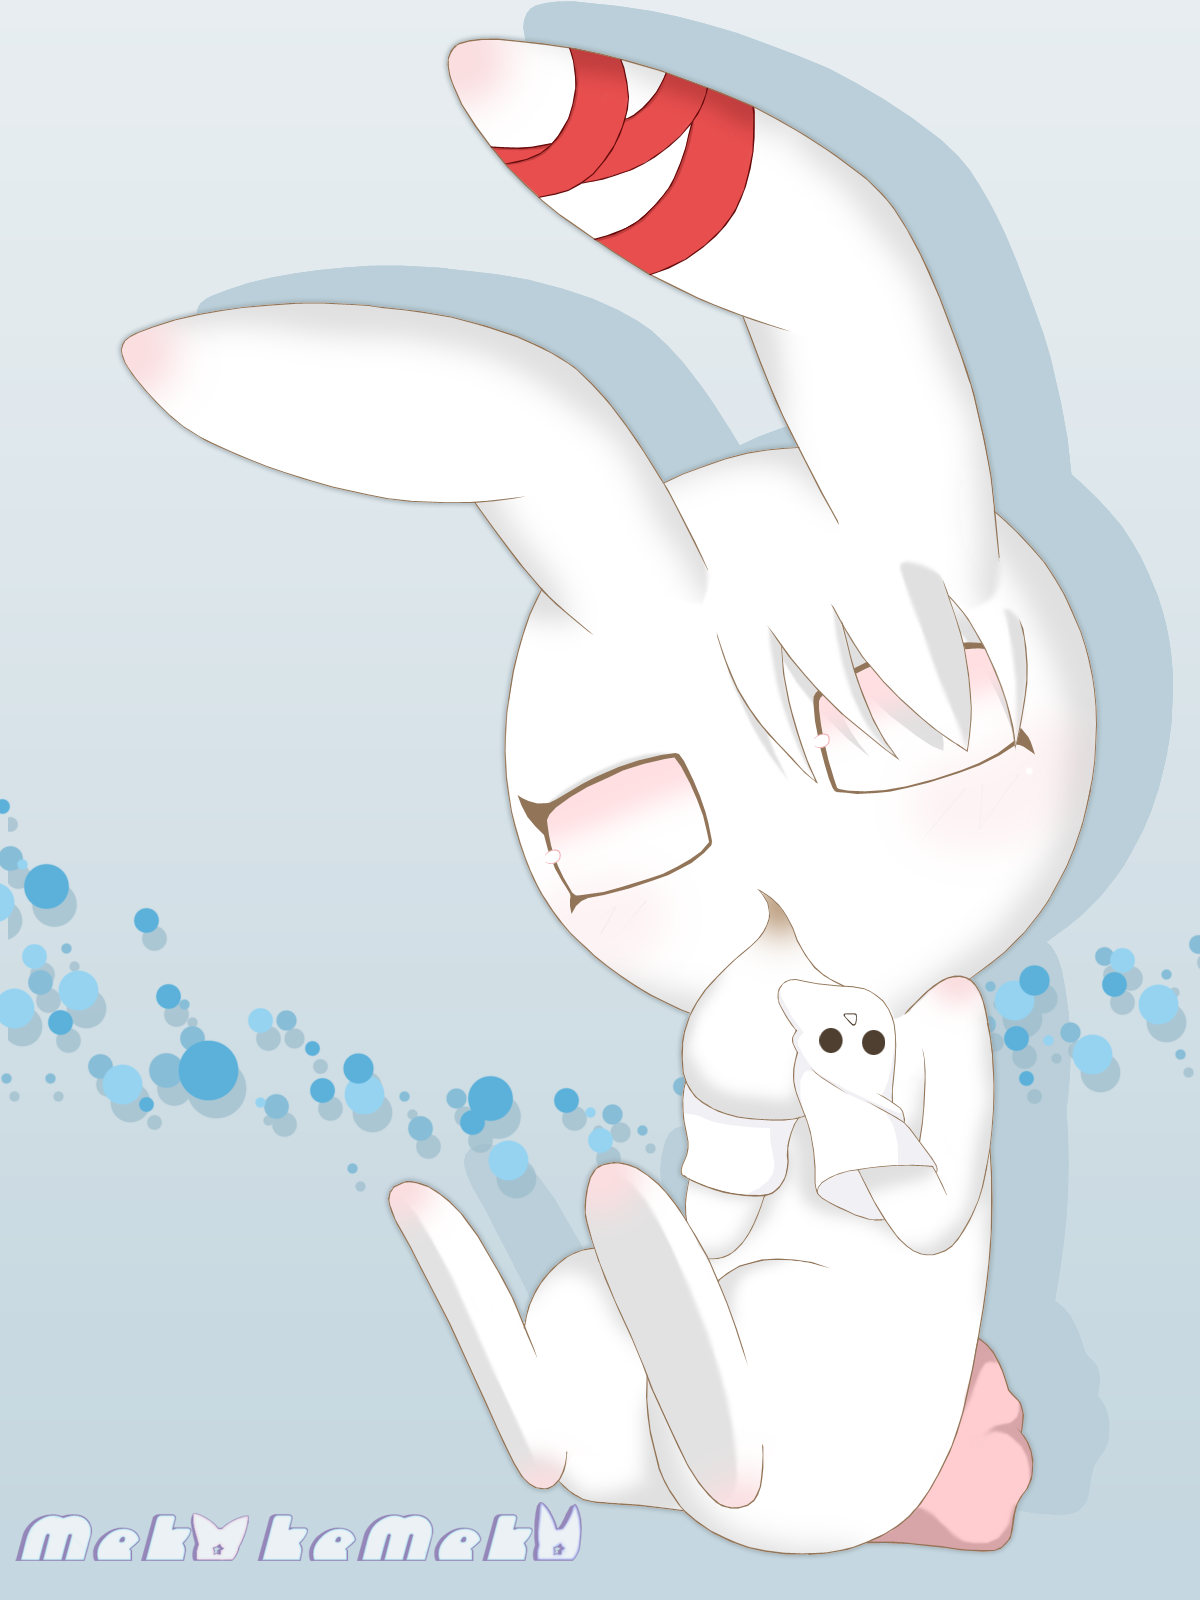 Nachiko, Cutesy